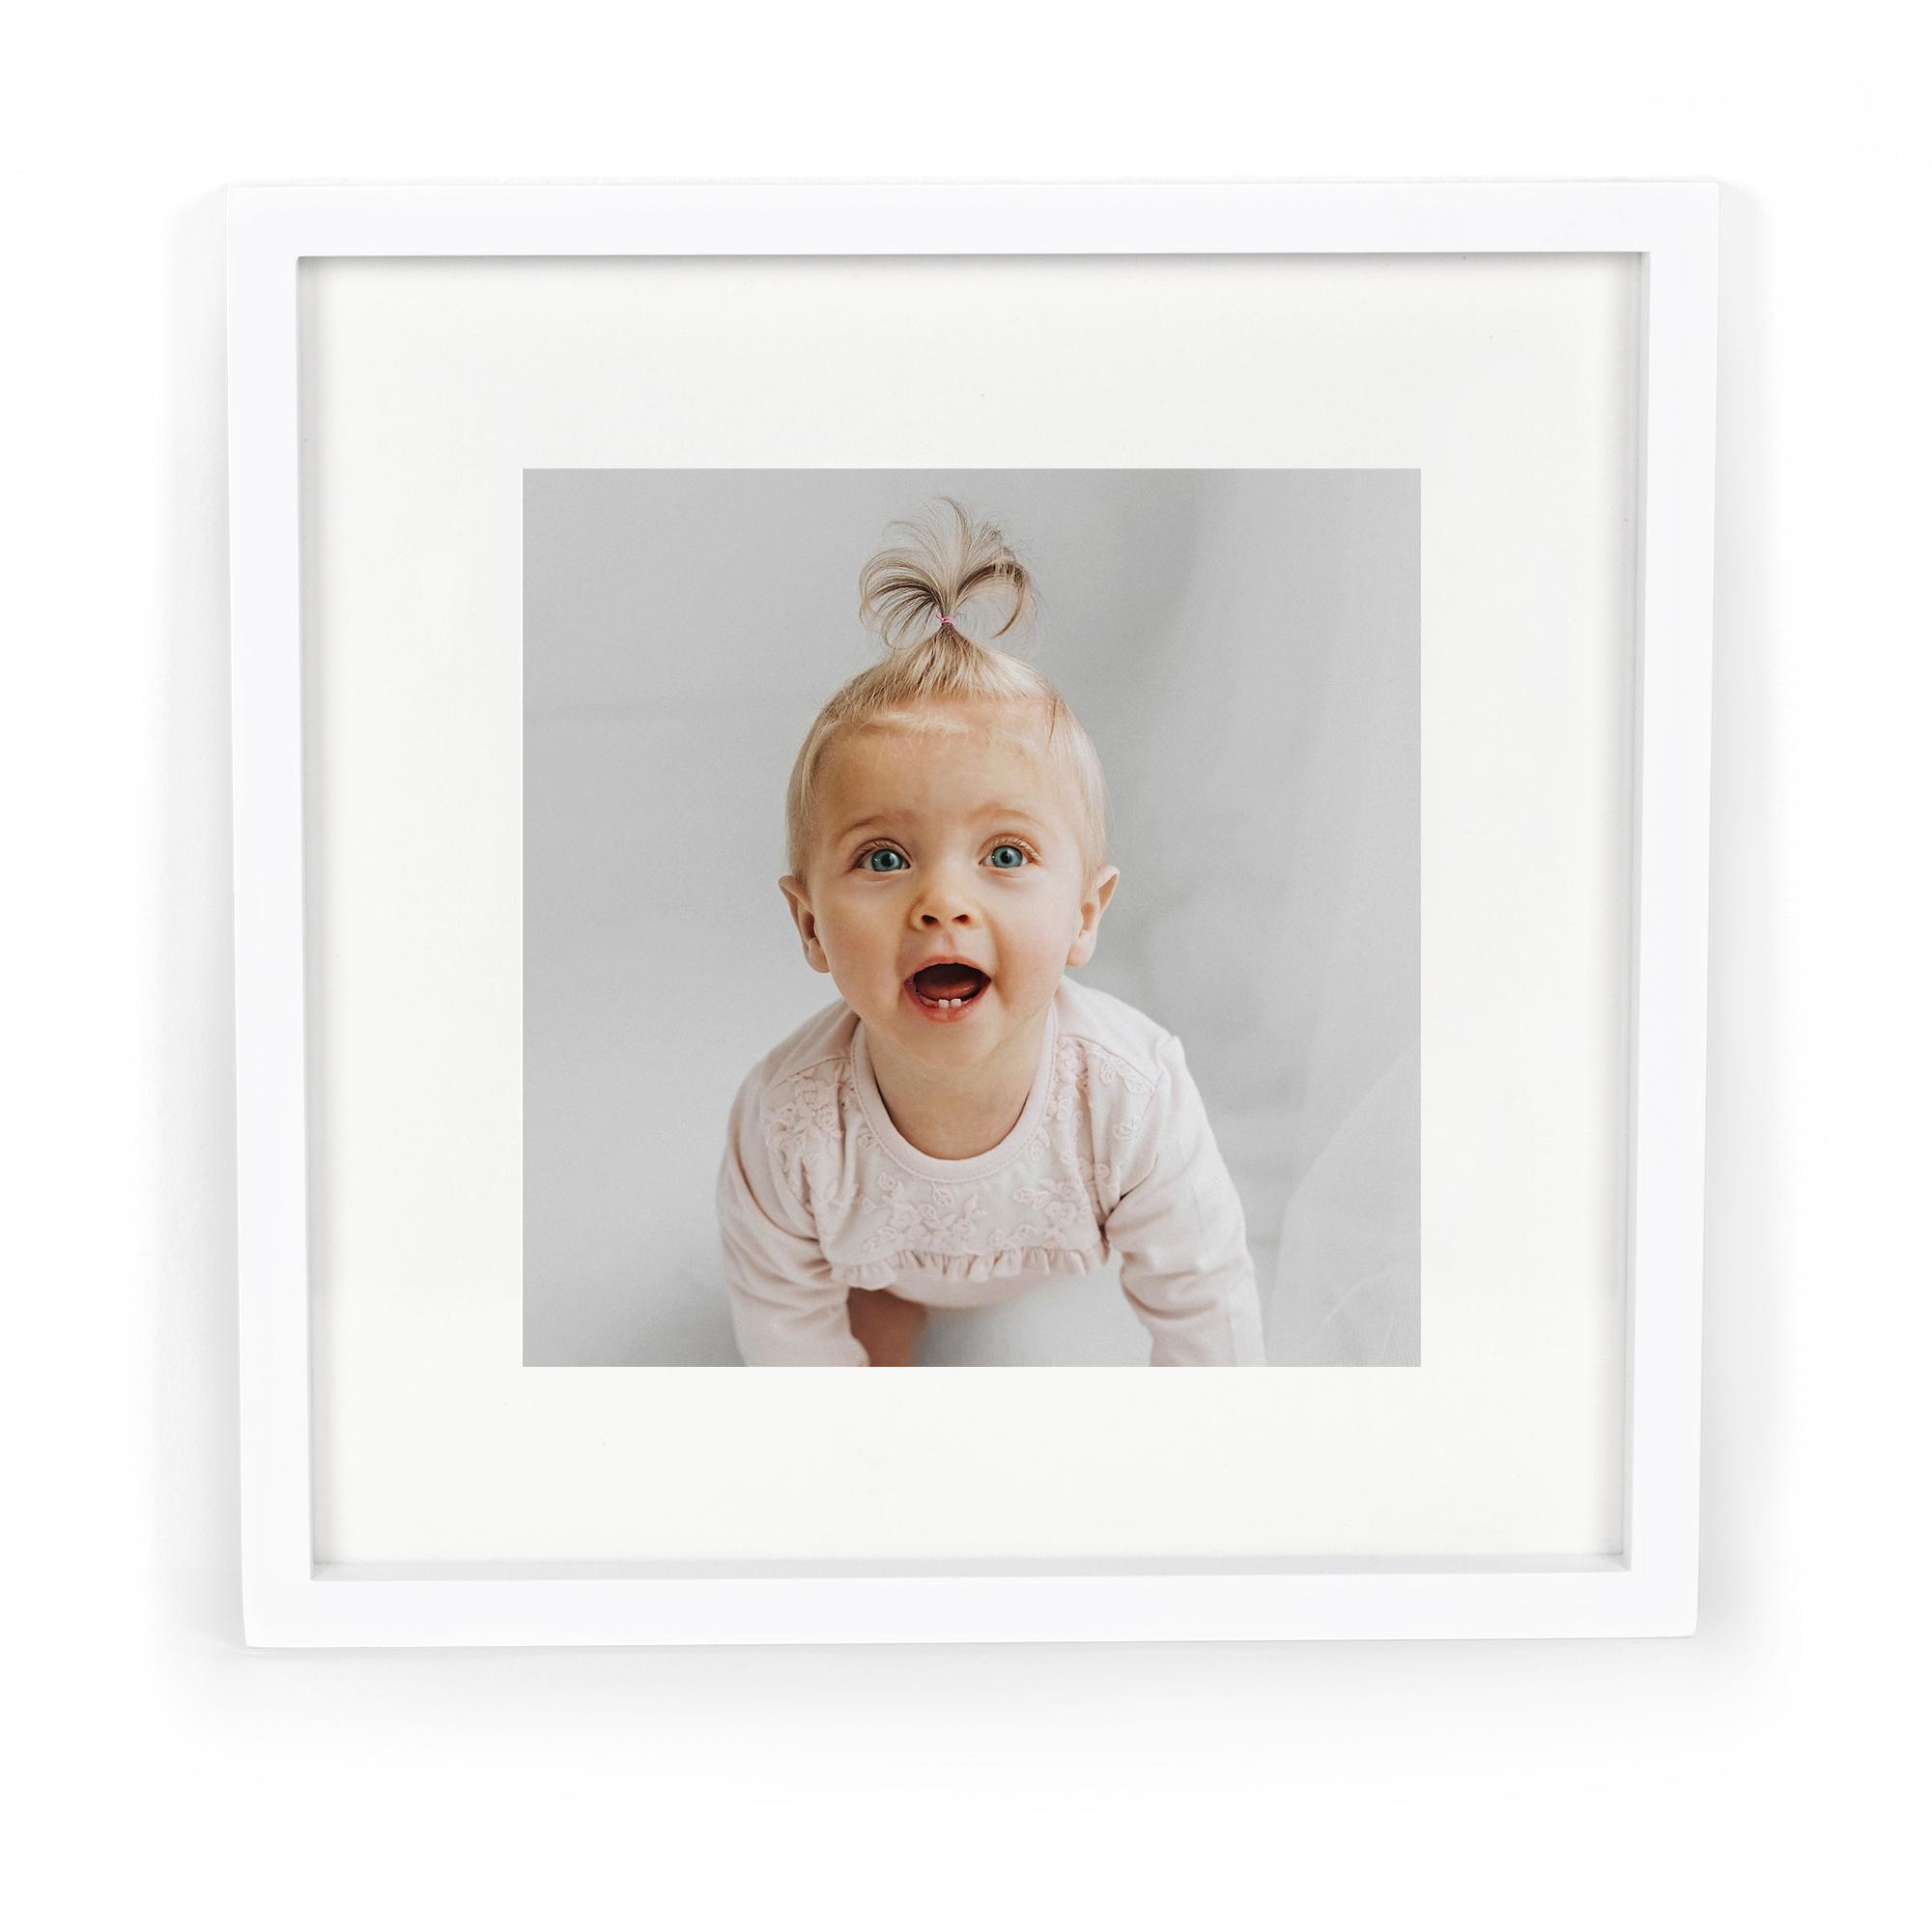 fotografiranje dojenčka 8 mesecev